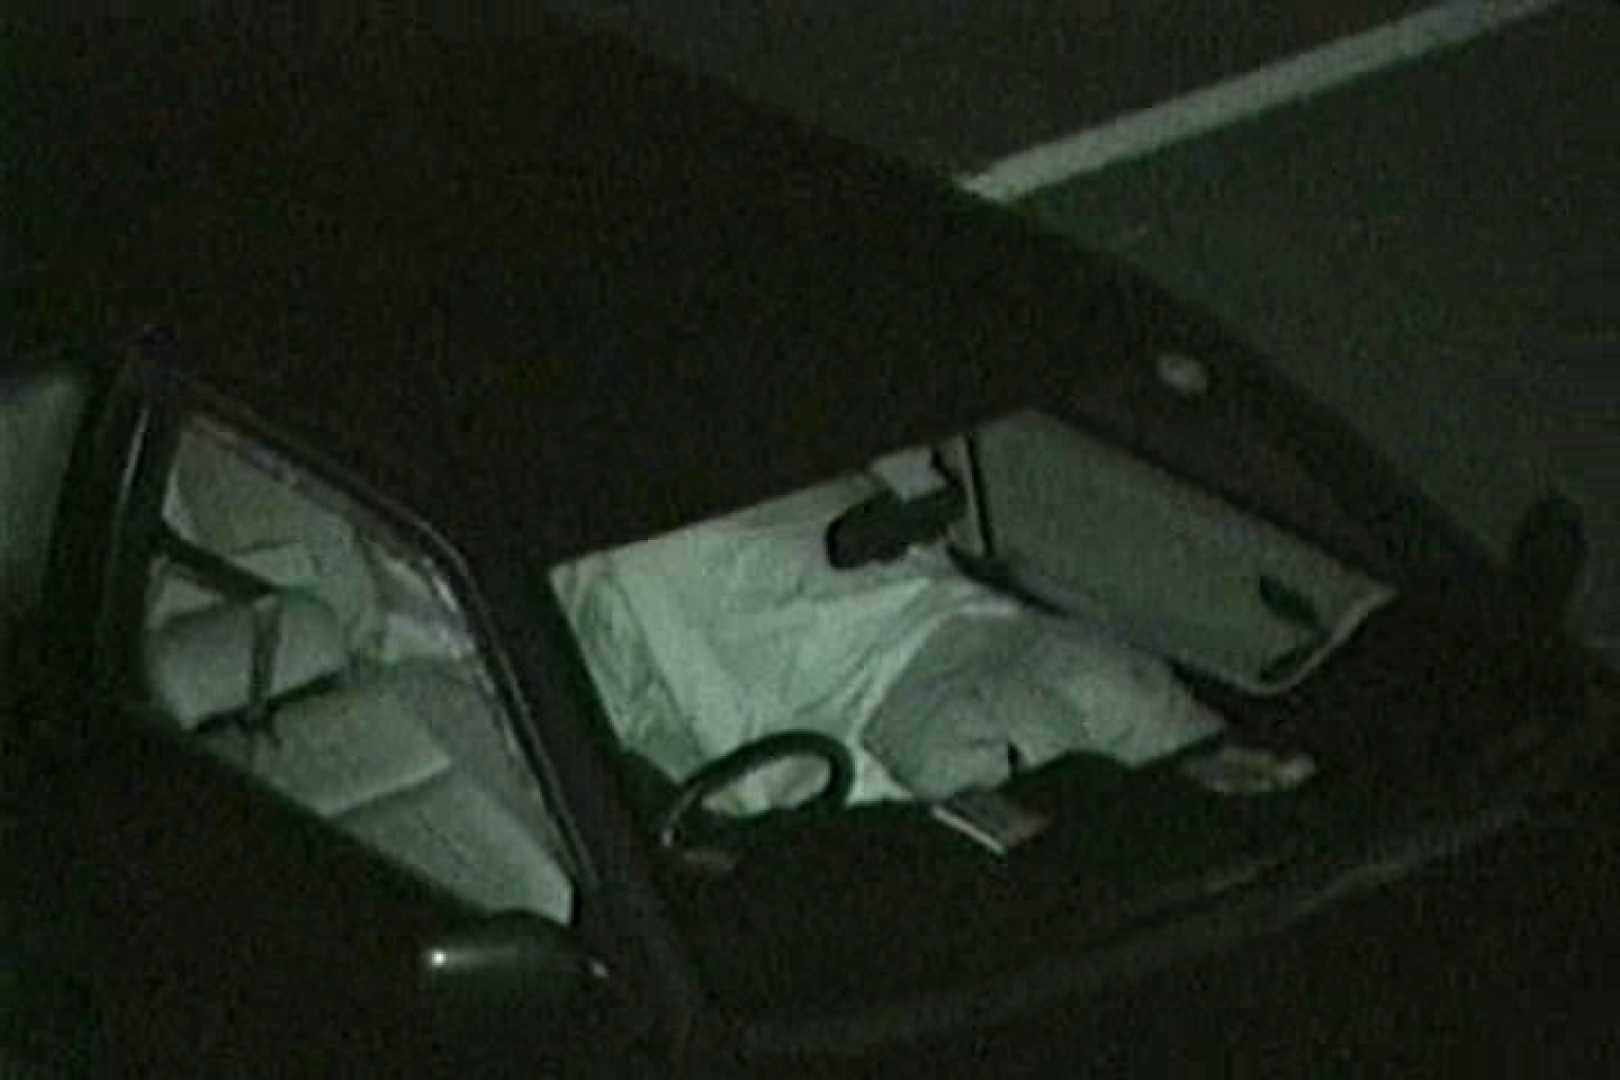 車の中はラブホテル 無修正版  Vol.8 人気シリーズ 盗み撮り動画キャプチャ 68連発 62